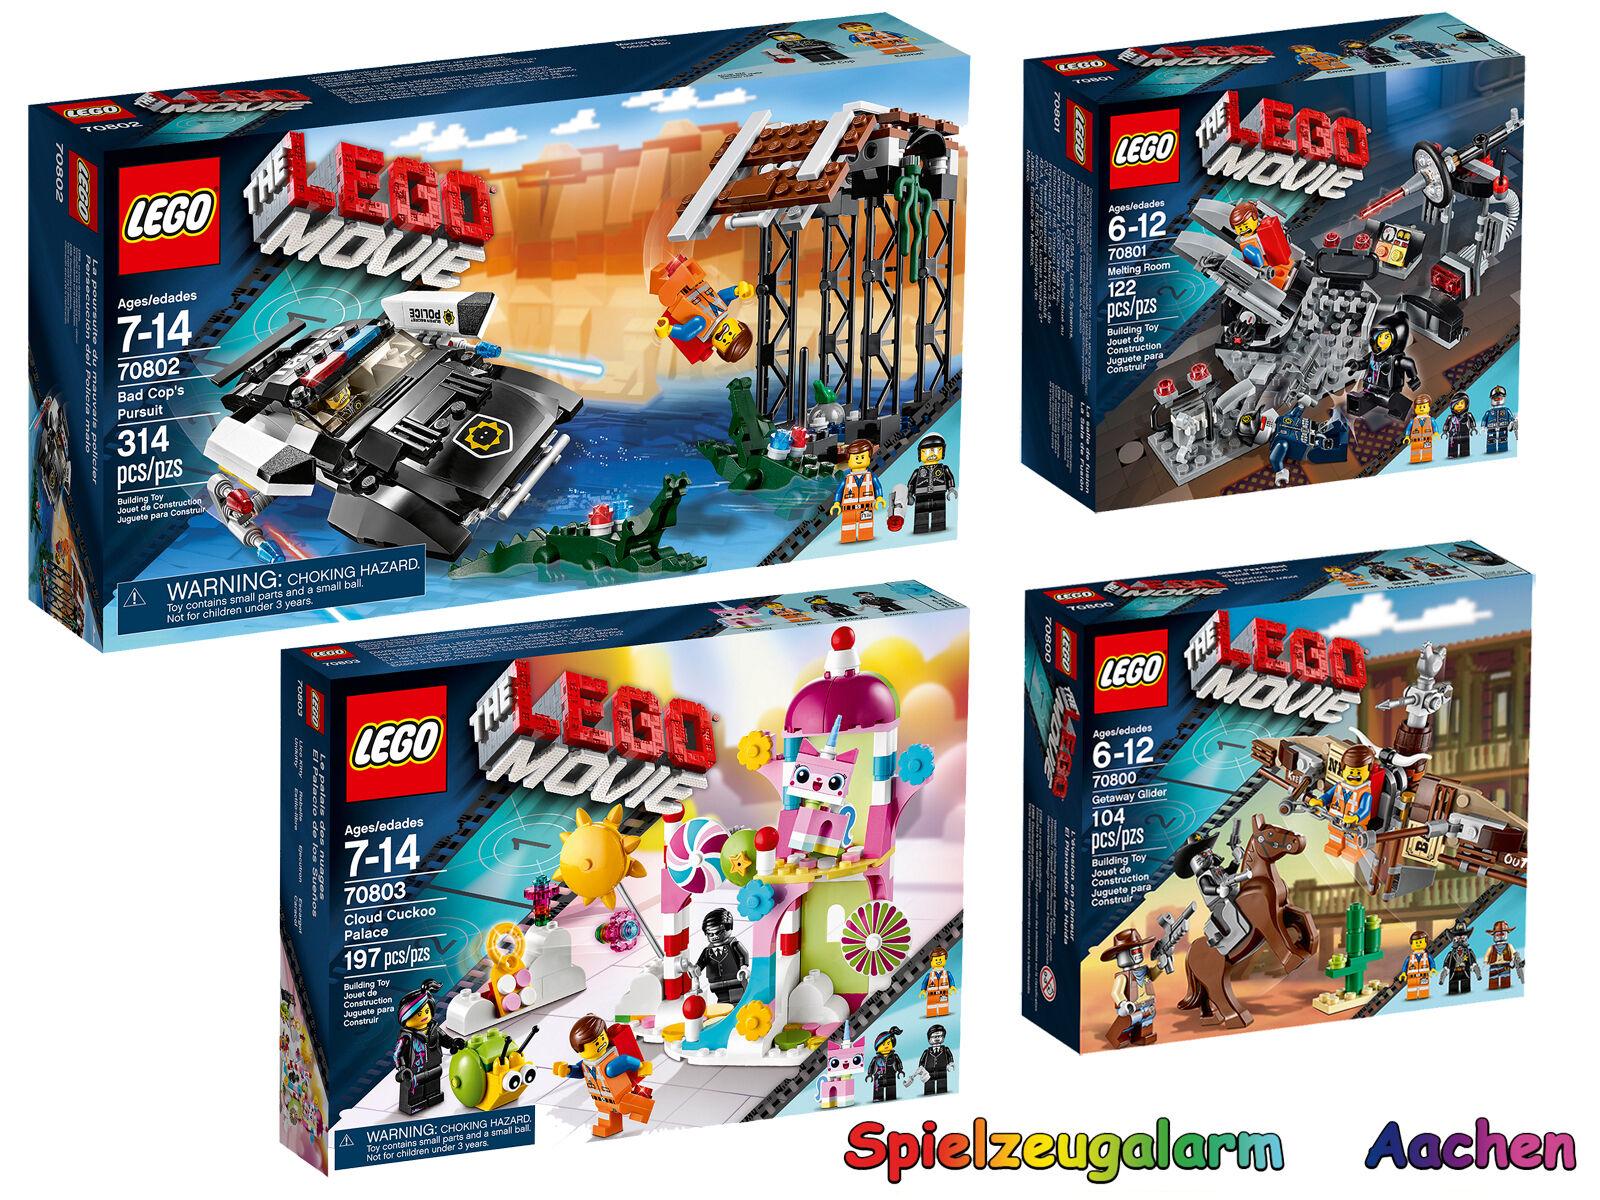 LEGO Movie set 70800 70800 70800 70801 70802 70803 Bad flics course poursuite palais Cloud 9105e9